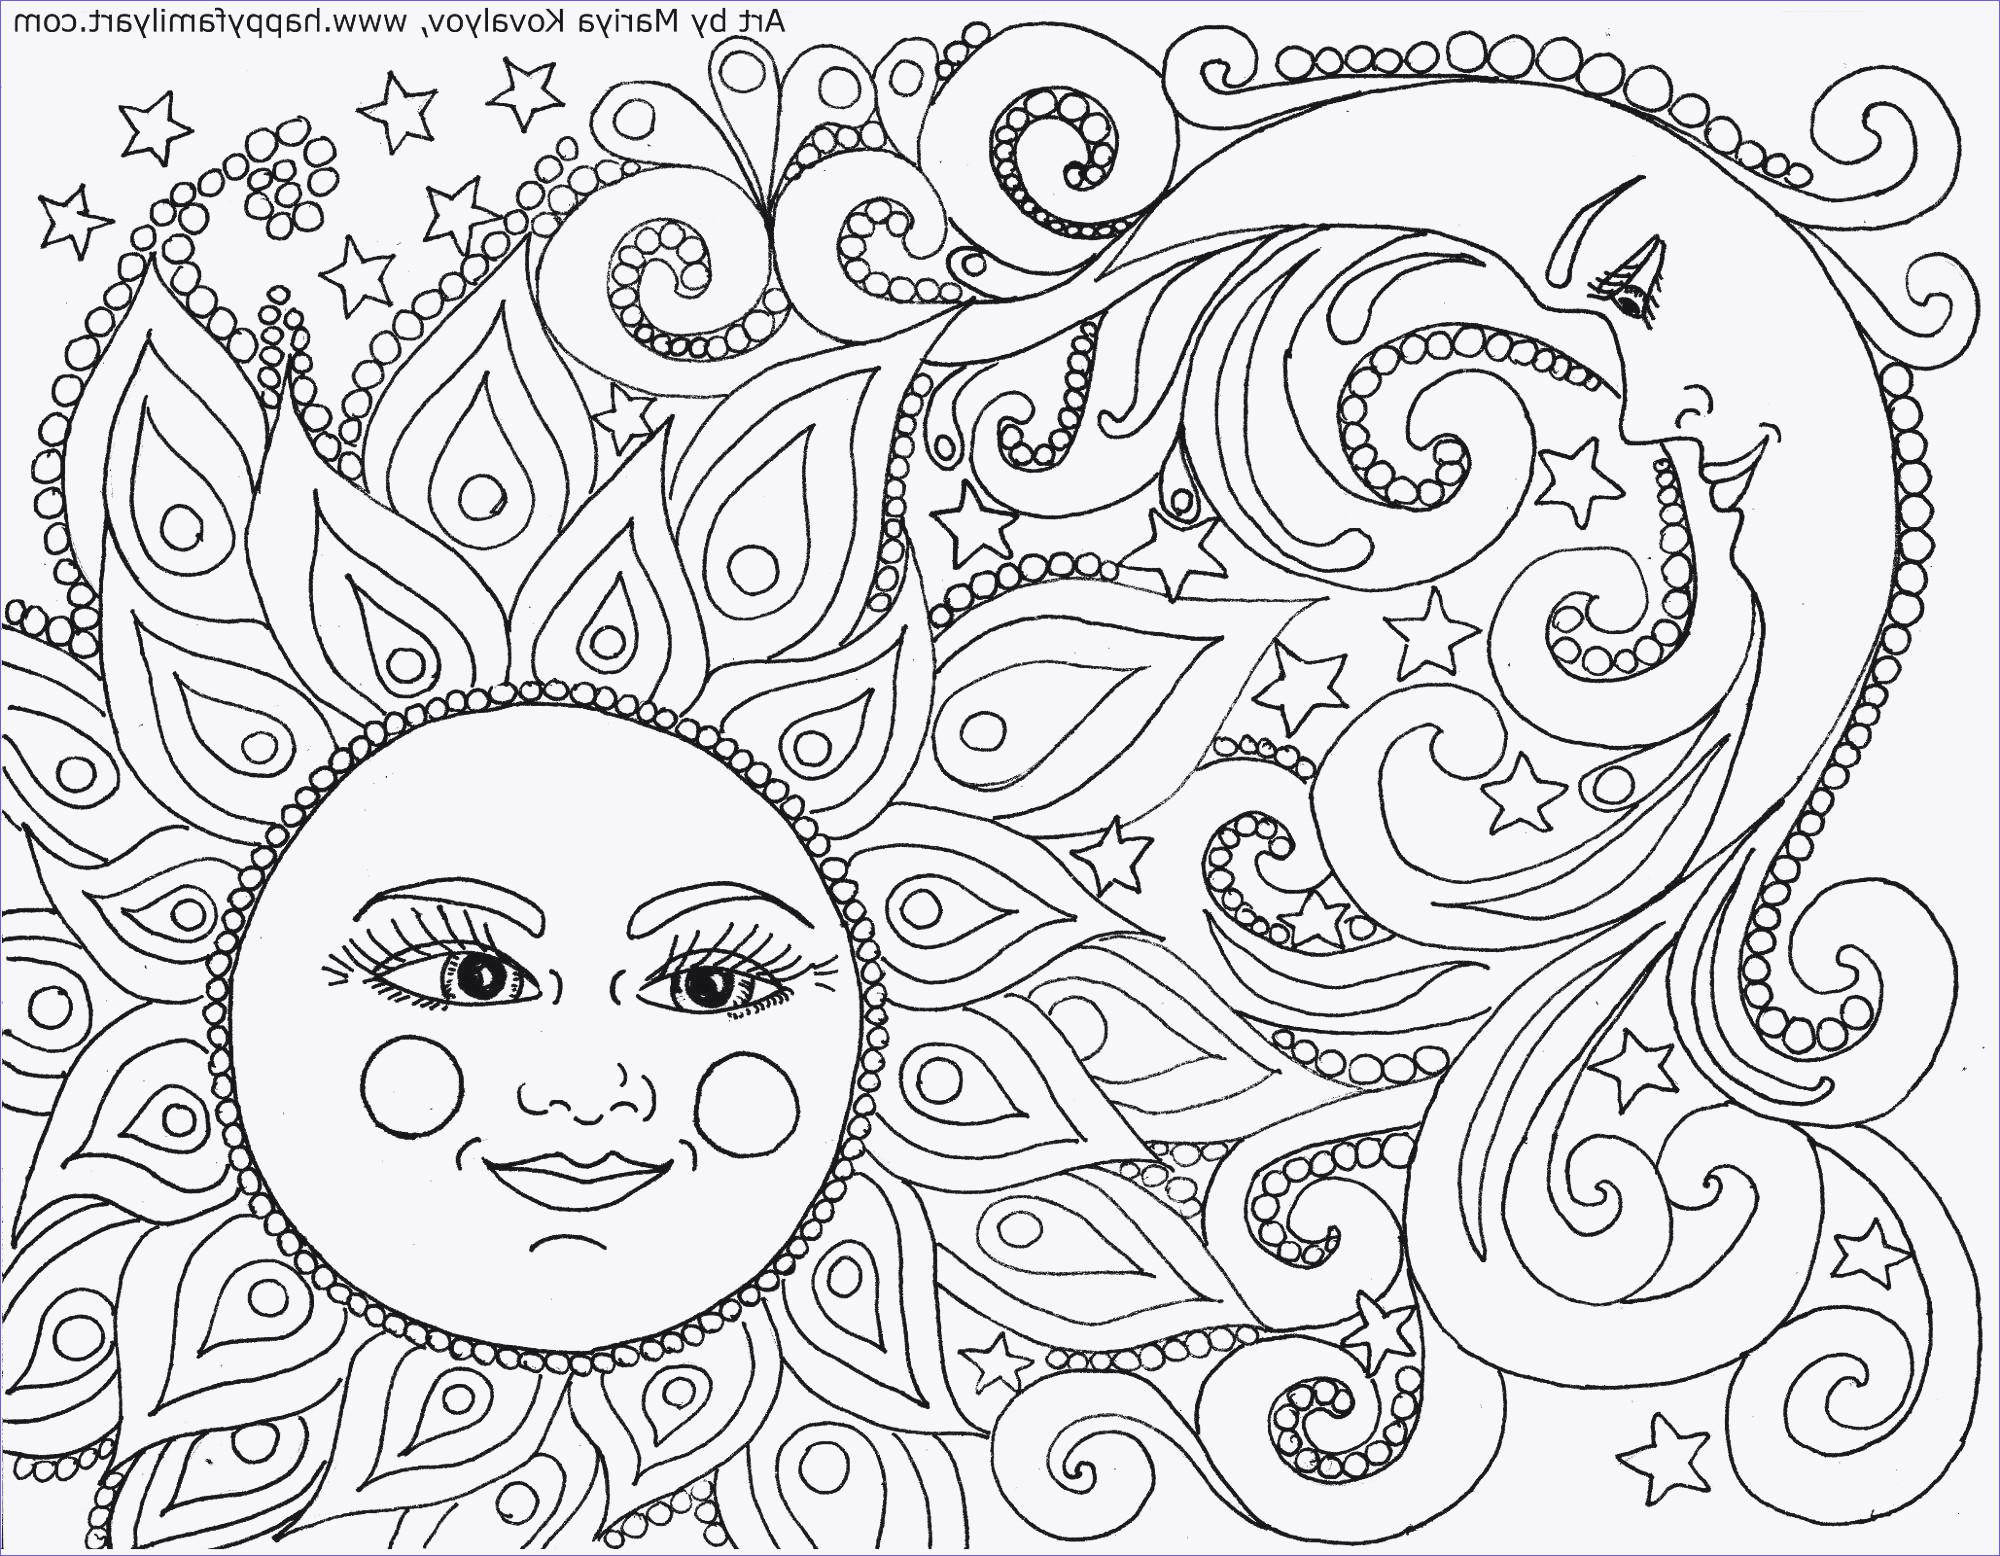 Mandala Zum Ausdrucken Erwachsene Frisch 28 Inspirierend Ausmalbilder Erwachsene Ausdrucken – Malvorlagen Ideen Fotografieren